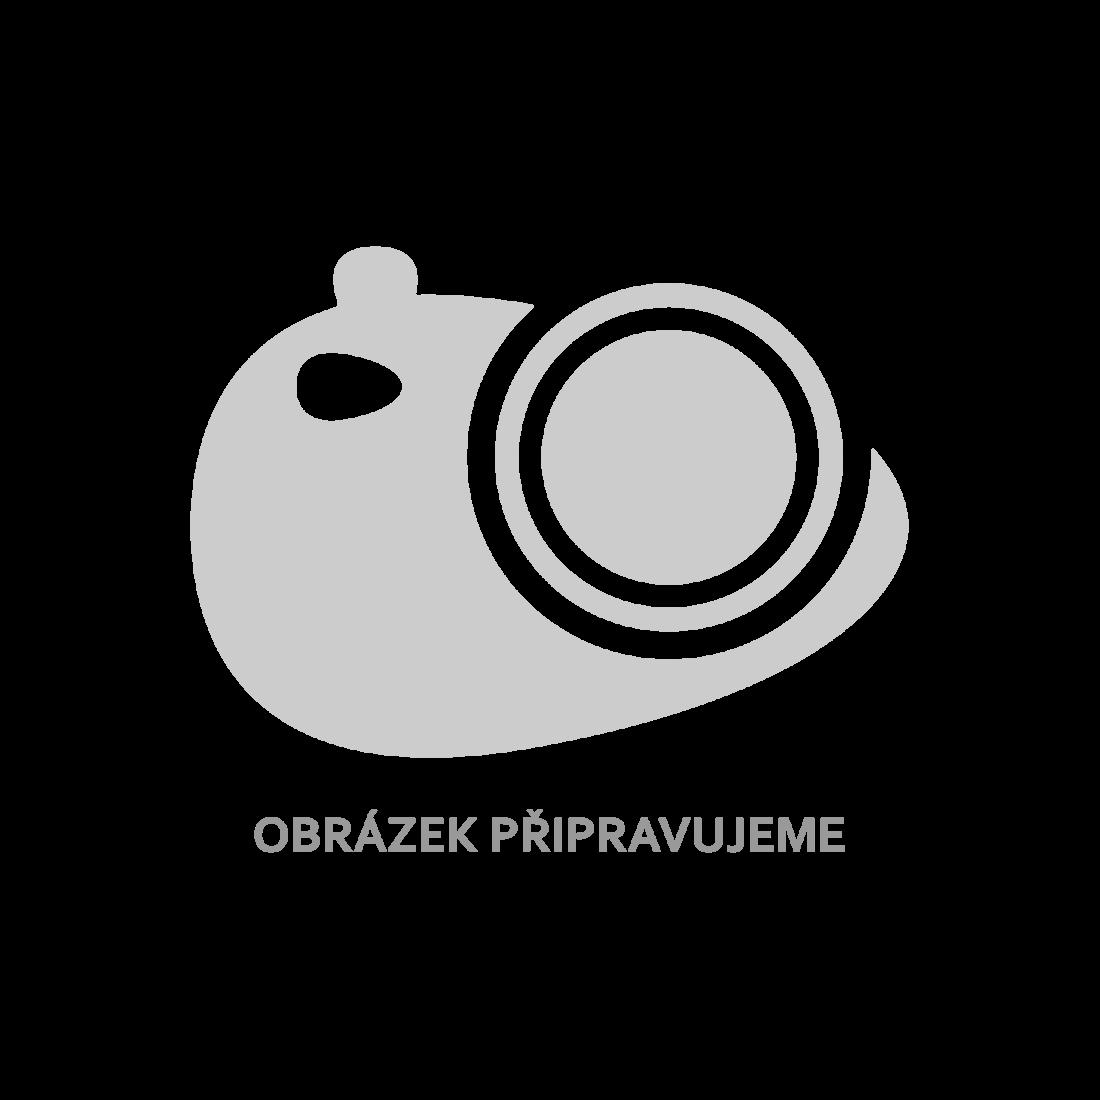 Truhlík 120 x 40 x 30 cm dřevo obdélníkový